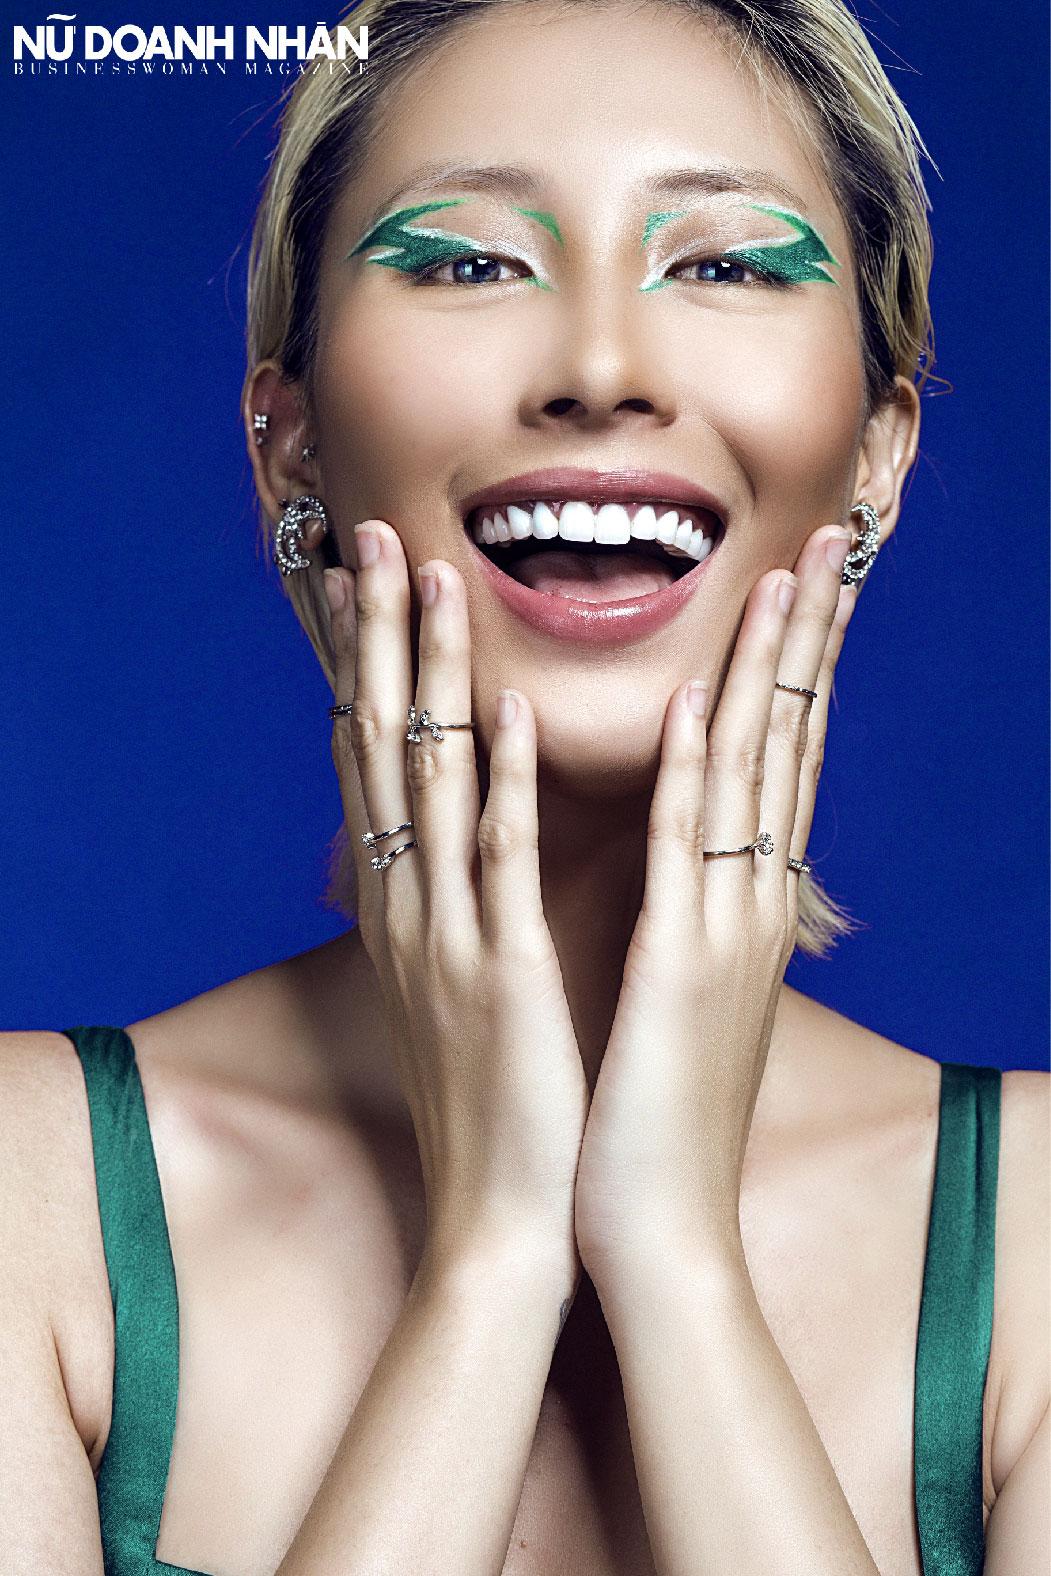 bộ ảnh beauty tạp chí nữ doanh nhân